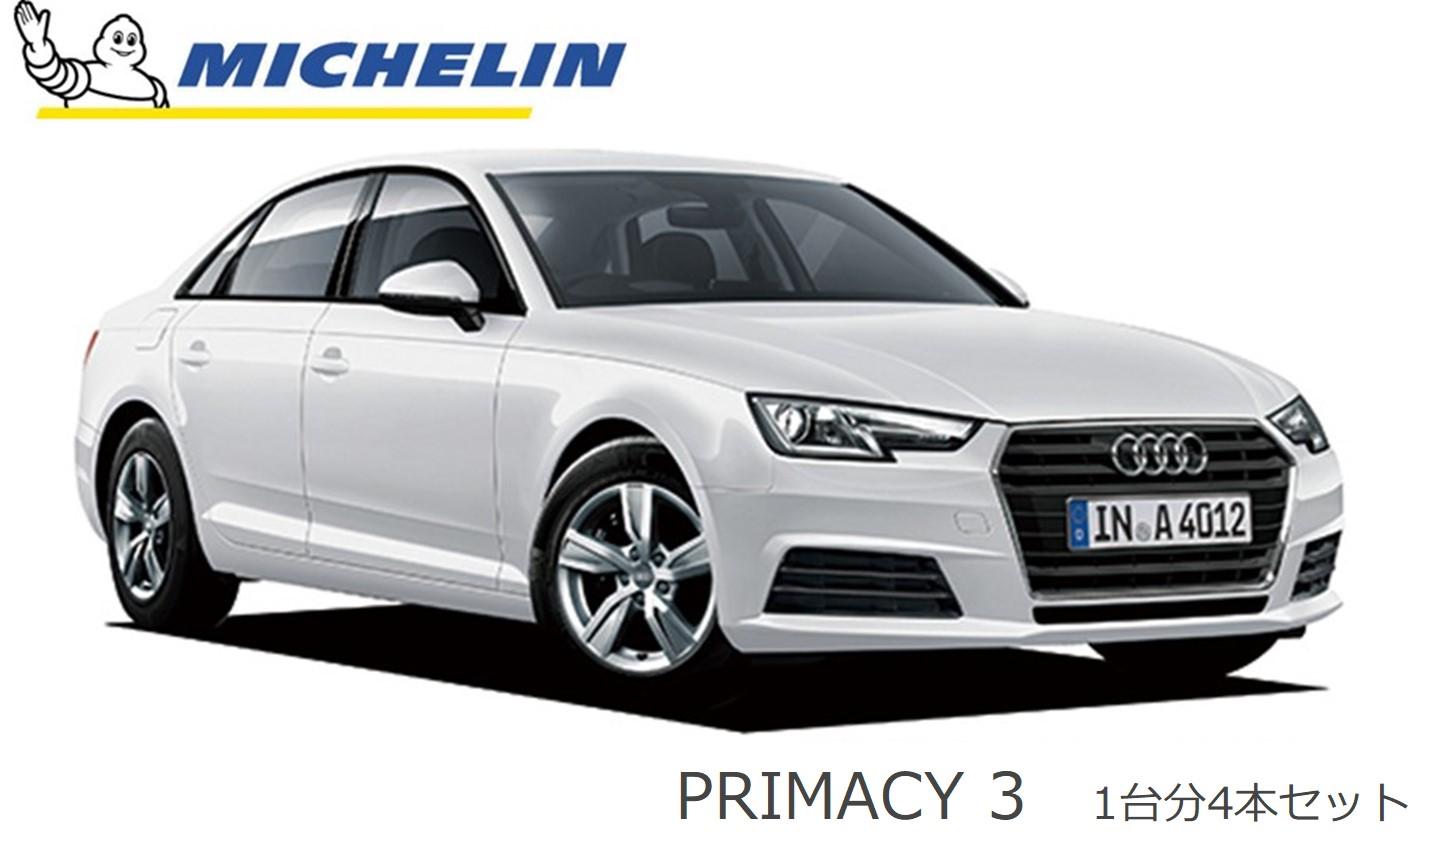 ミシュラン プライマシー3 AUDI A4 用 自動車メーカー 技術承認 タイヤ 225 / 50 R 17 94H AO フロント リア 4本 セット  706460 AUDI メーカー 承認 タイヤ 4本セット 225 50 r 17 アウディ Audi A4 B9